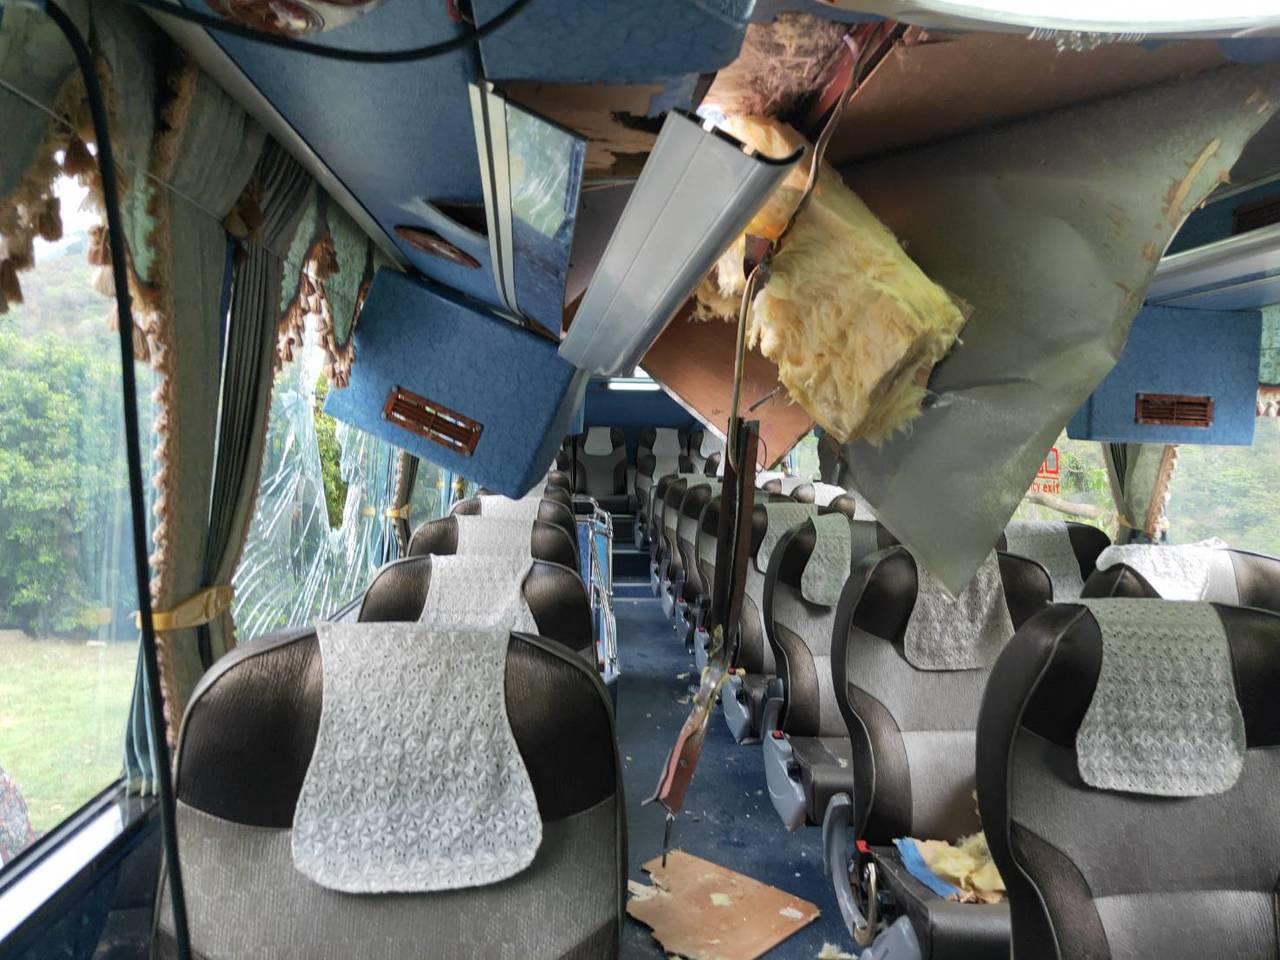 昨日太魯閣國家公園發生落石砸遊覽車事故。圖/新城警分局提供